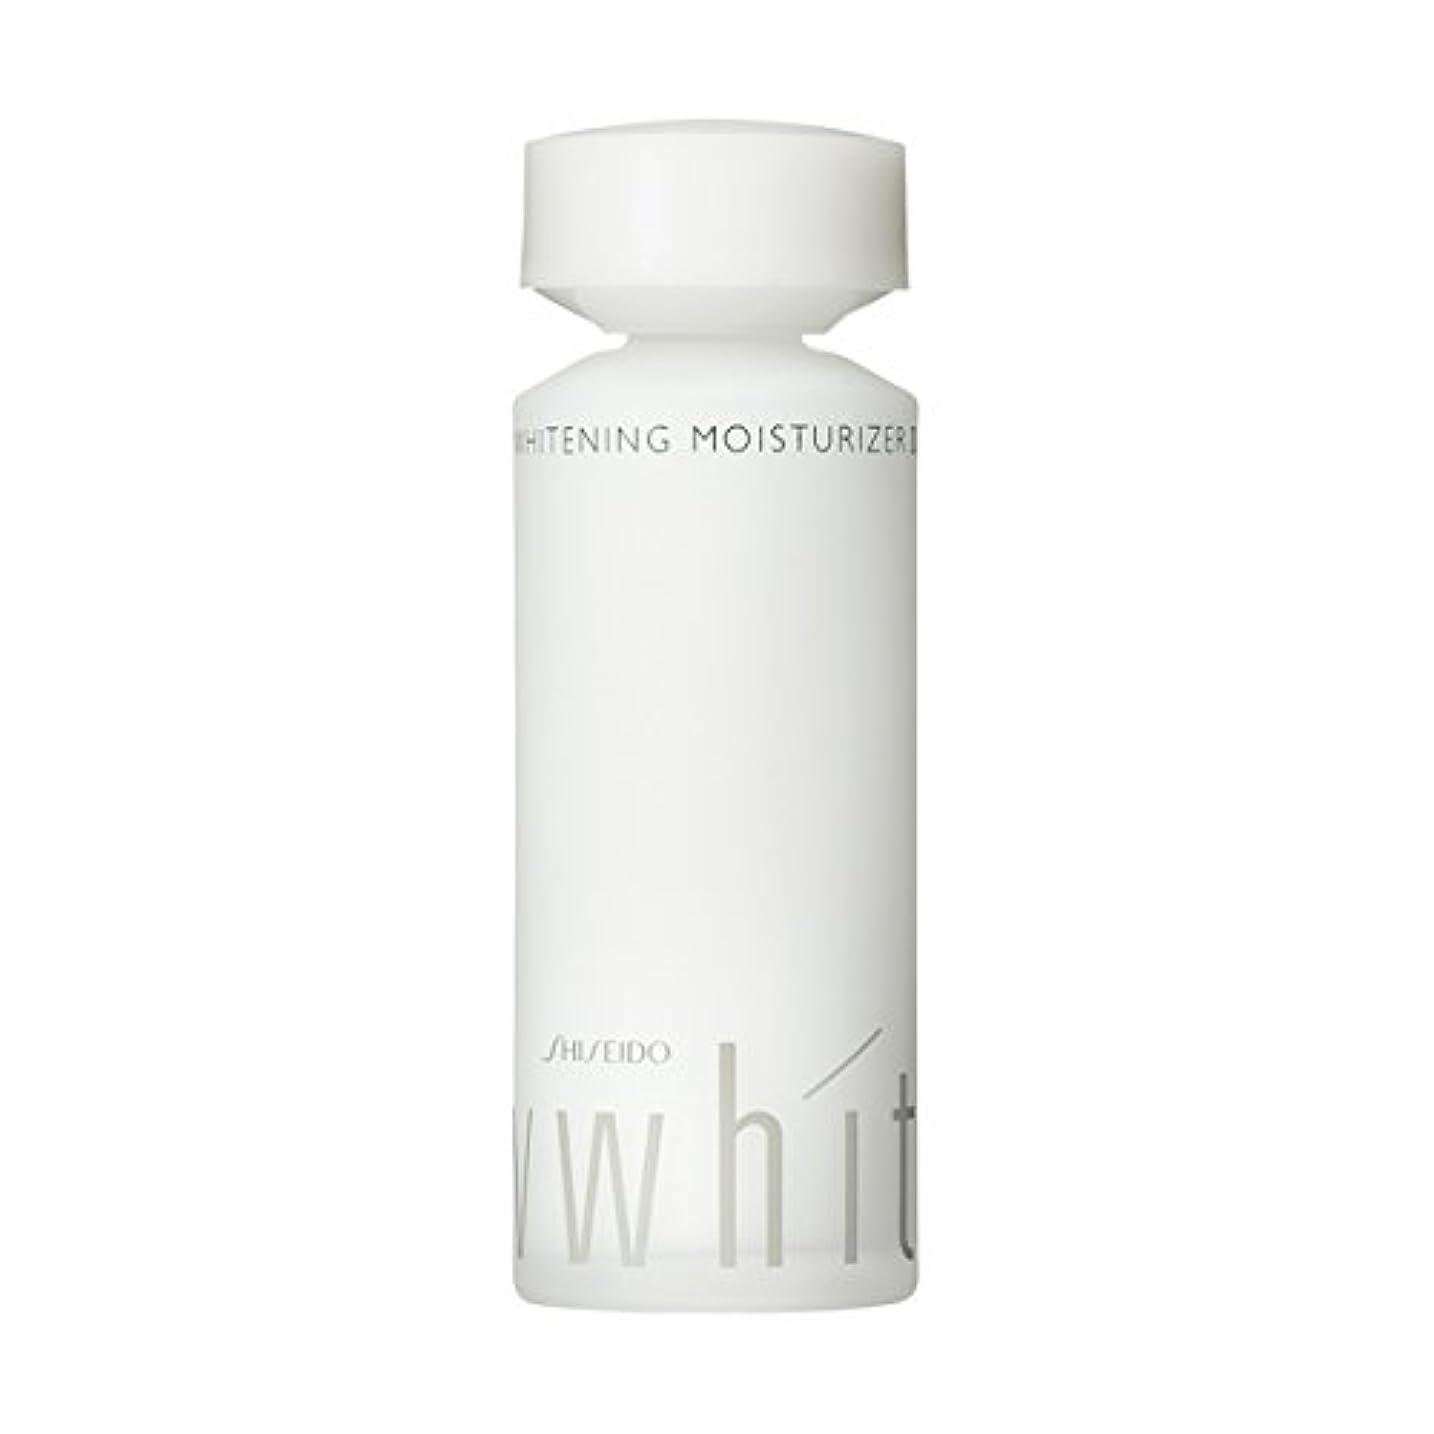 寄付伴う広げるUVホワイト ホワイトニング モイスチャーライザー 2 100mL 【医薬部外品】